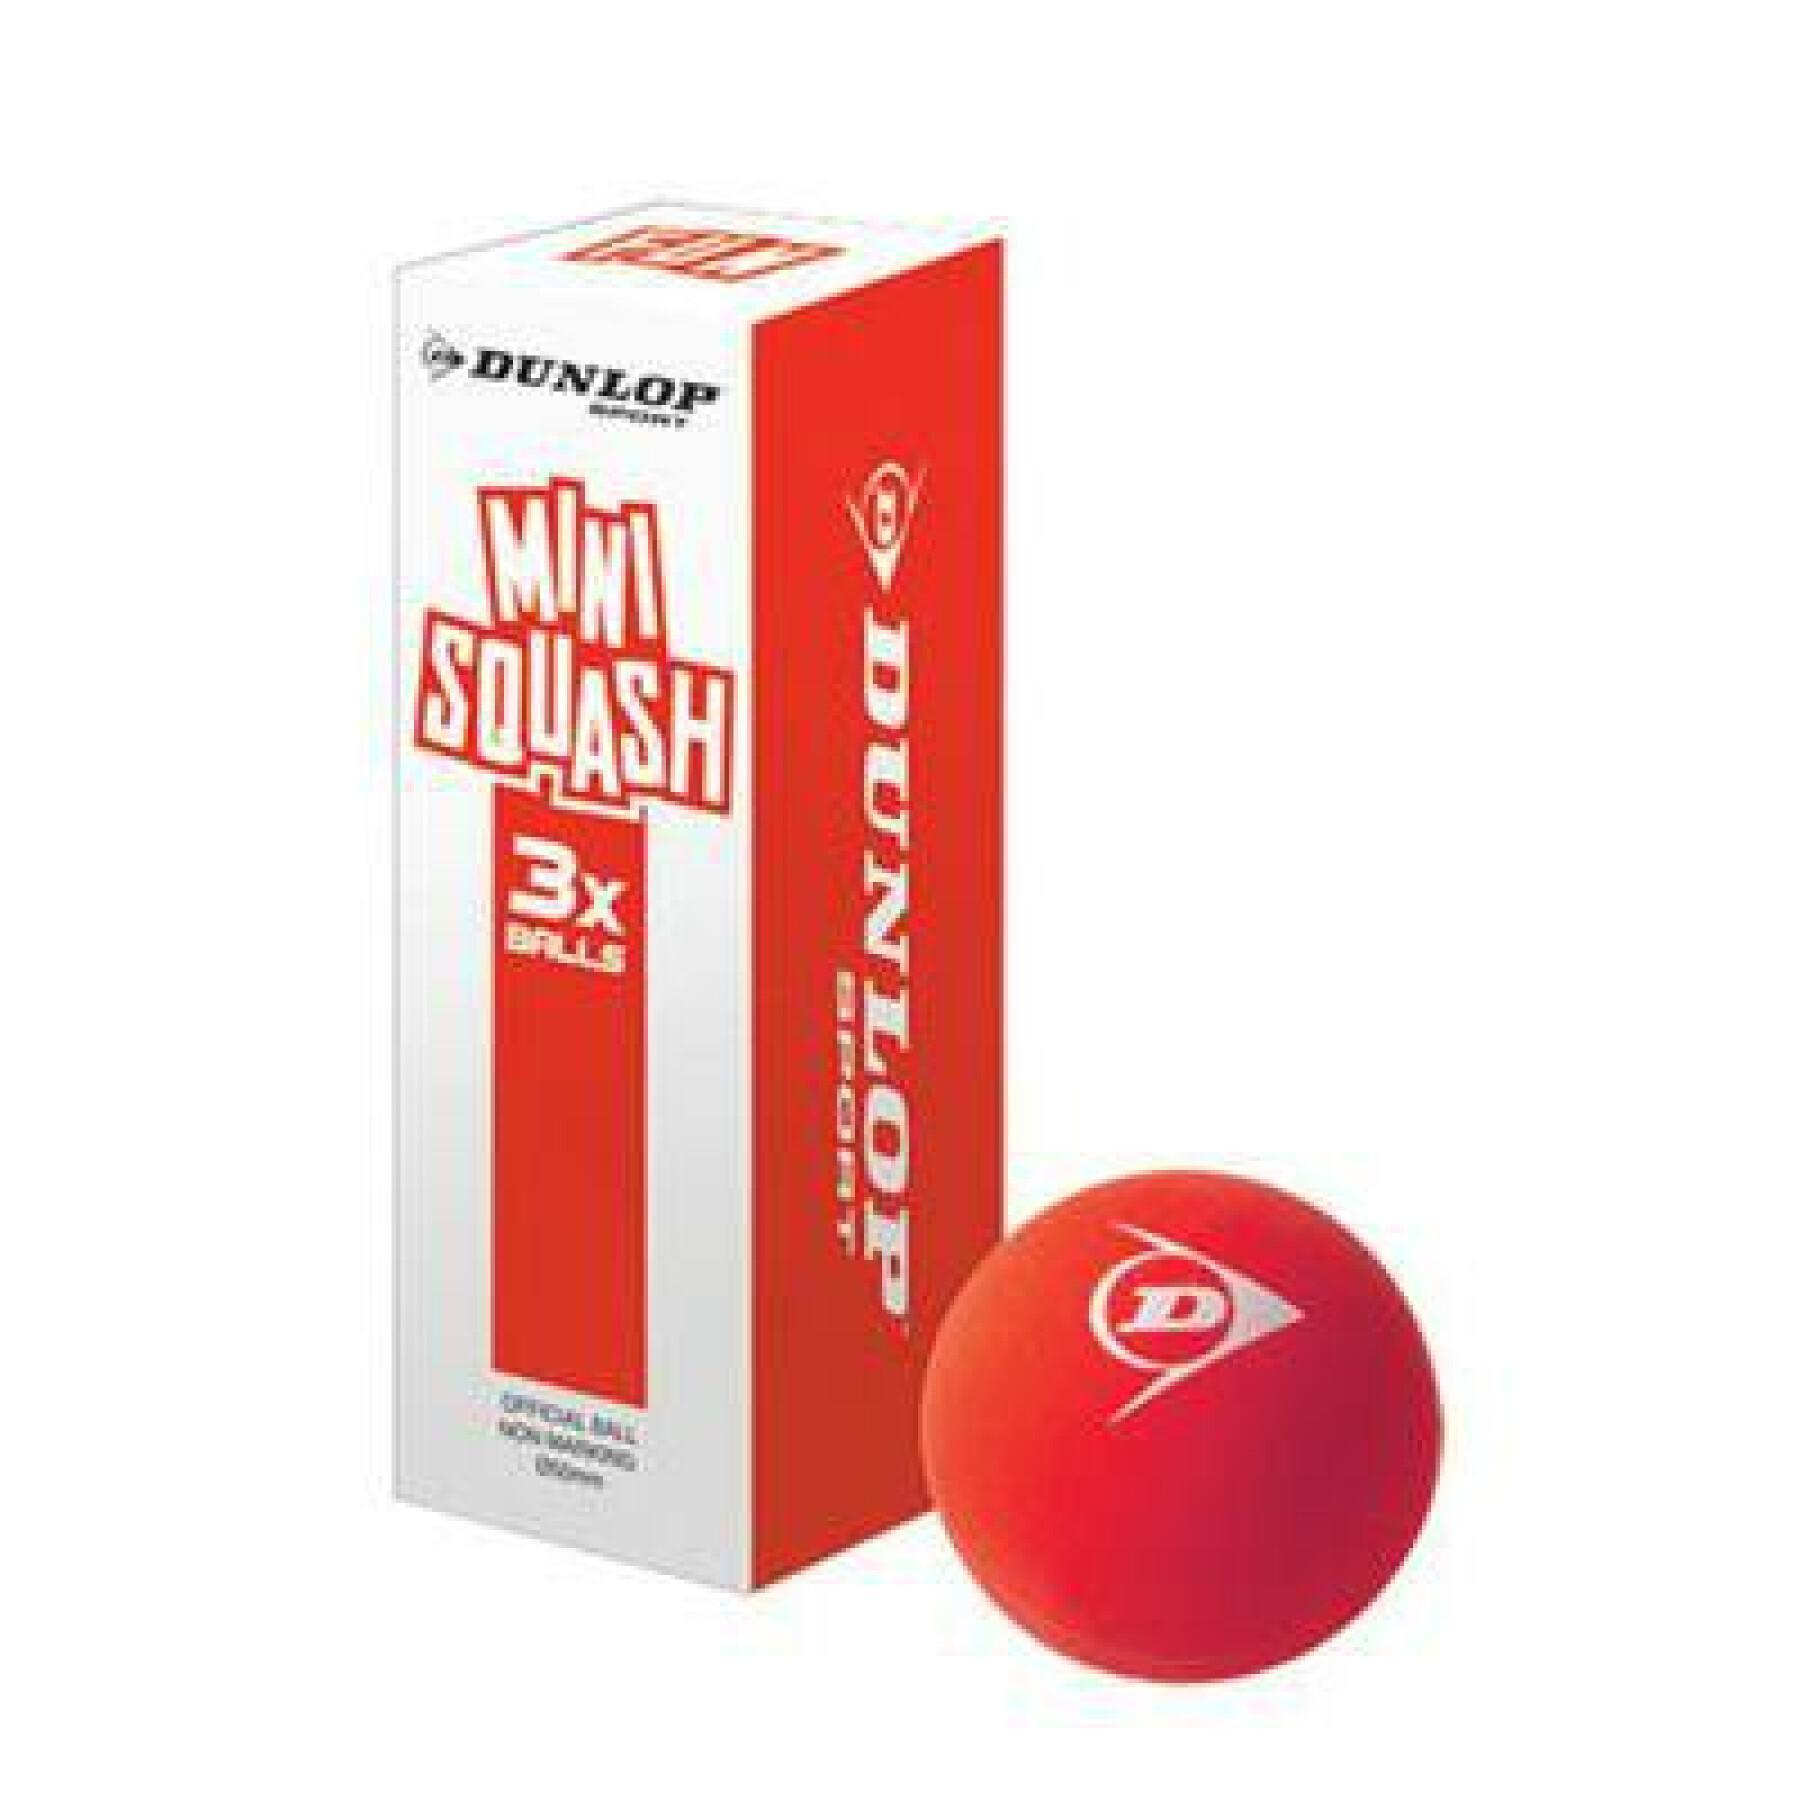 Set of 3 squash balls Dunlop fun